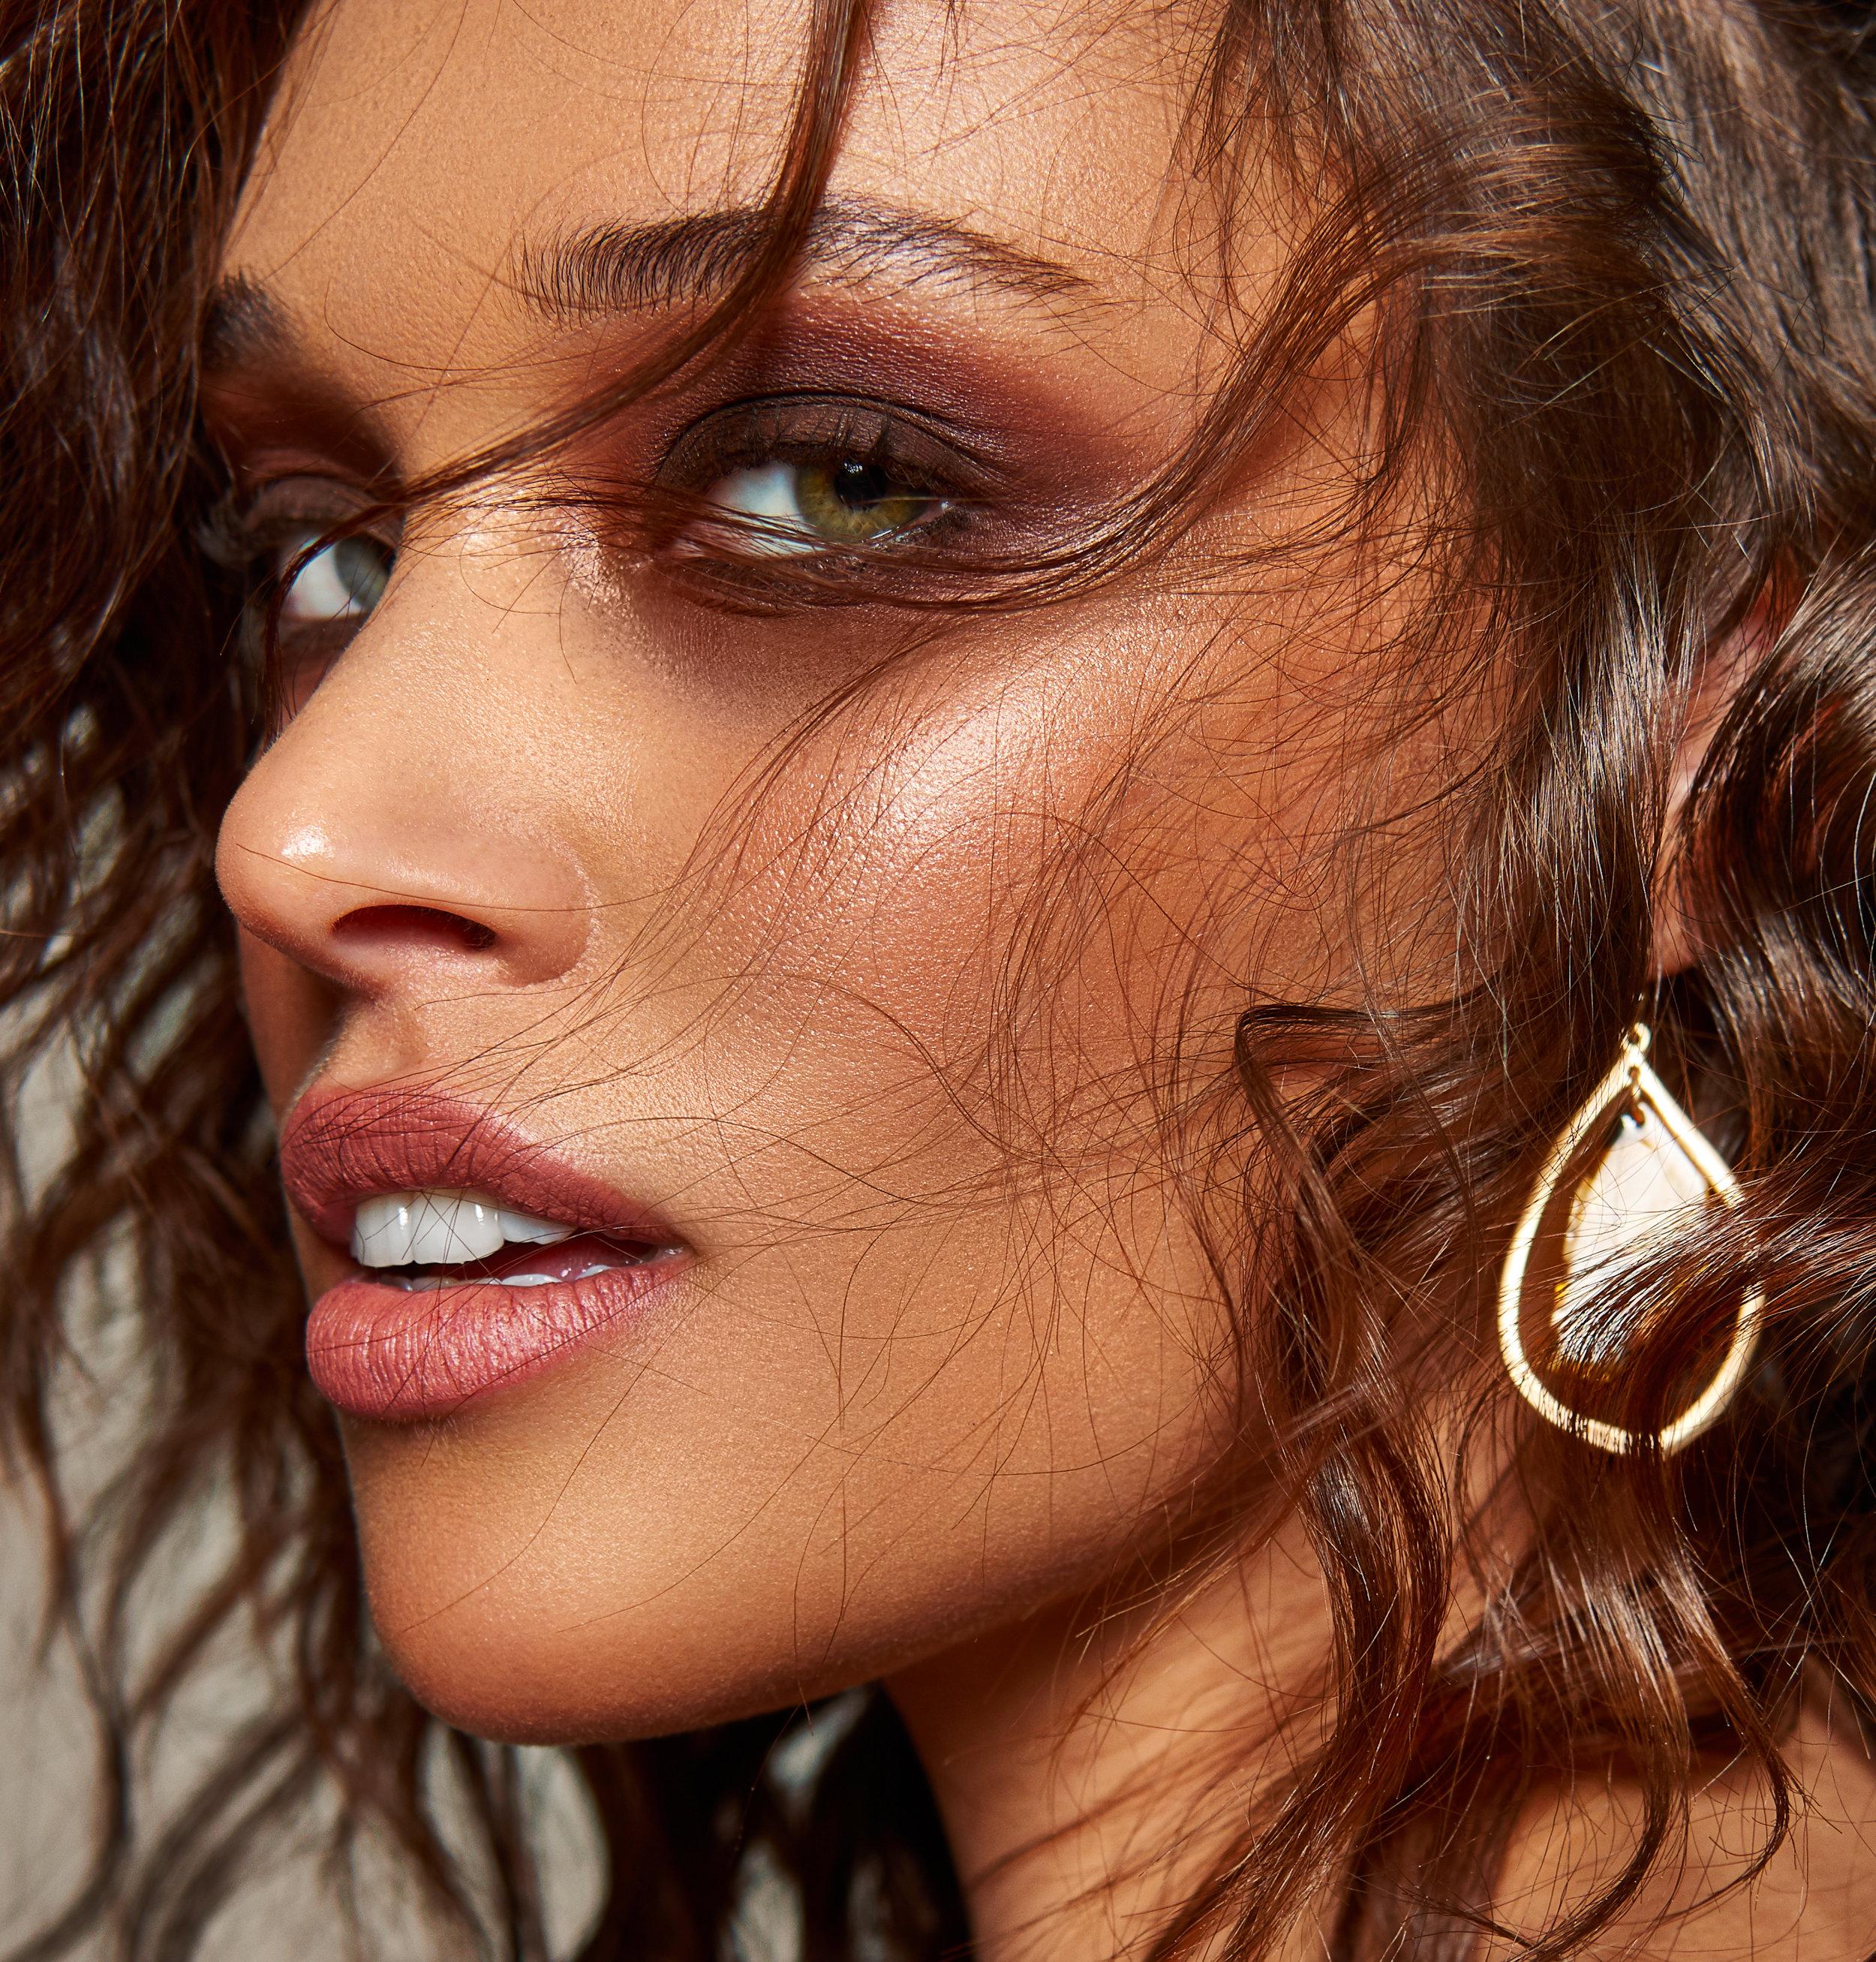 Beauty_Lauren_MILK23452 copy.jpg